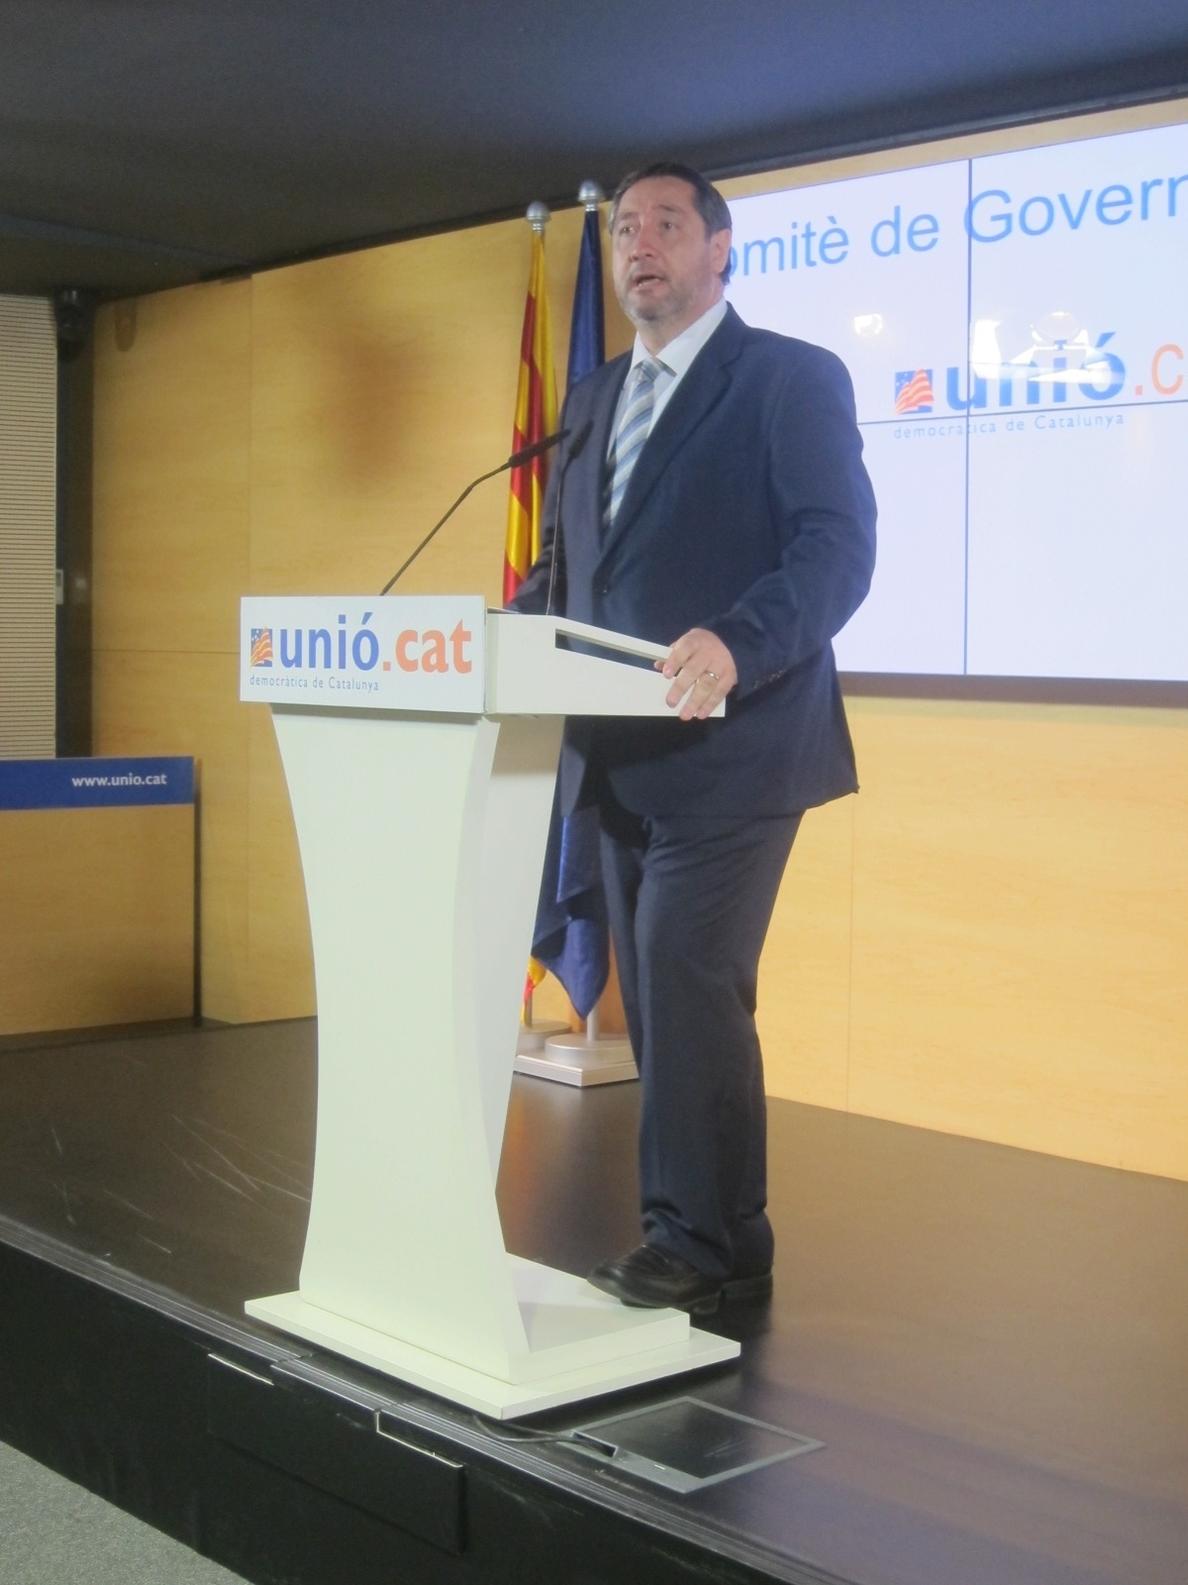 UDC pide a Sánchez (PSOE) respetar la voluntad «mayoritaria» de los catalanes de votar